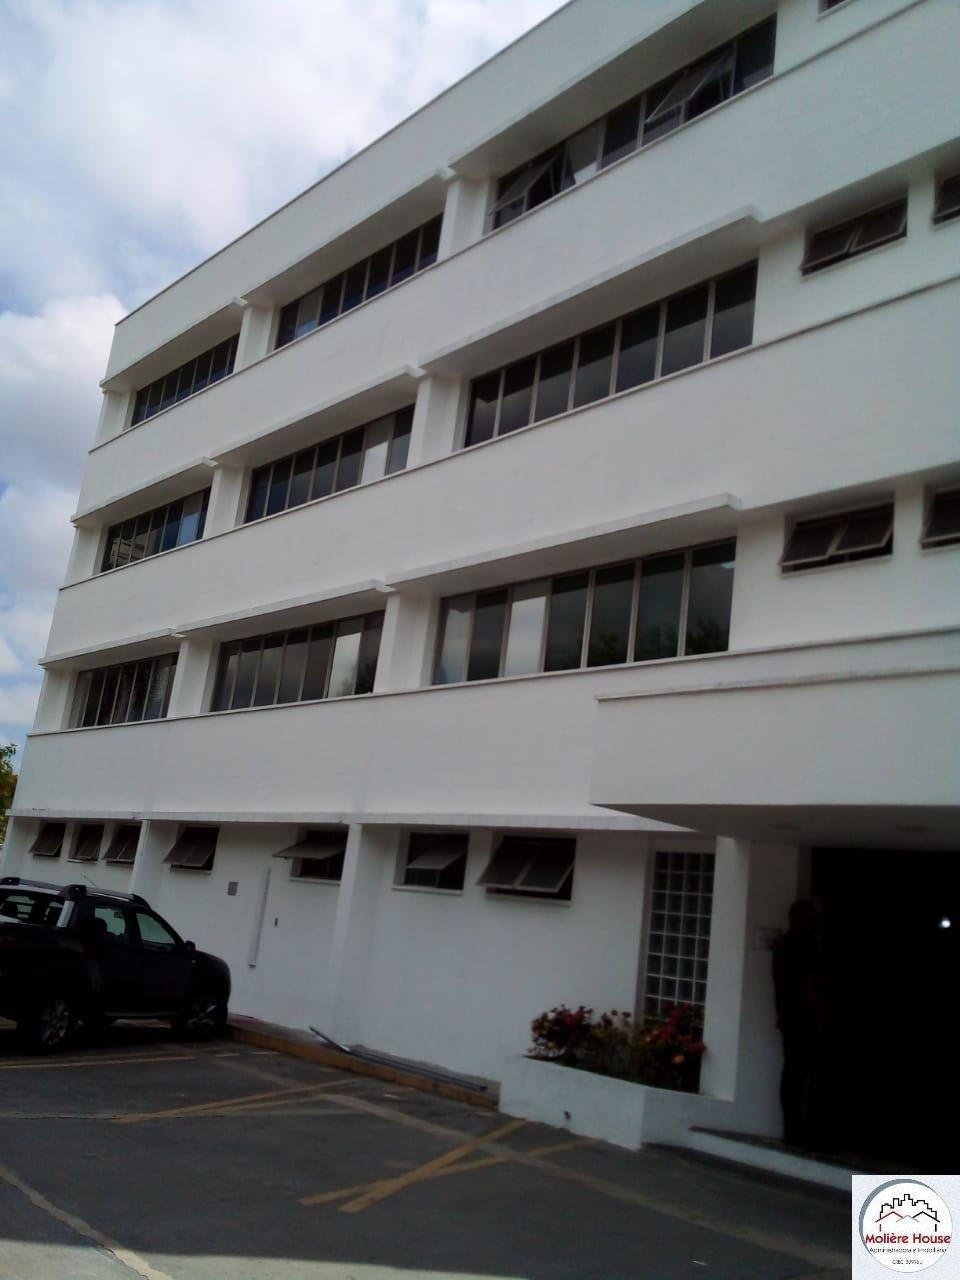 Pavilhão/galpão/depósito à venda  no Jurubatuba - São Paulo, SP. Imóveis